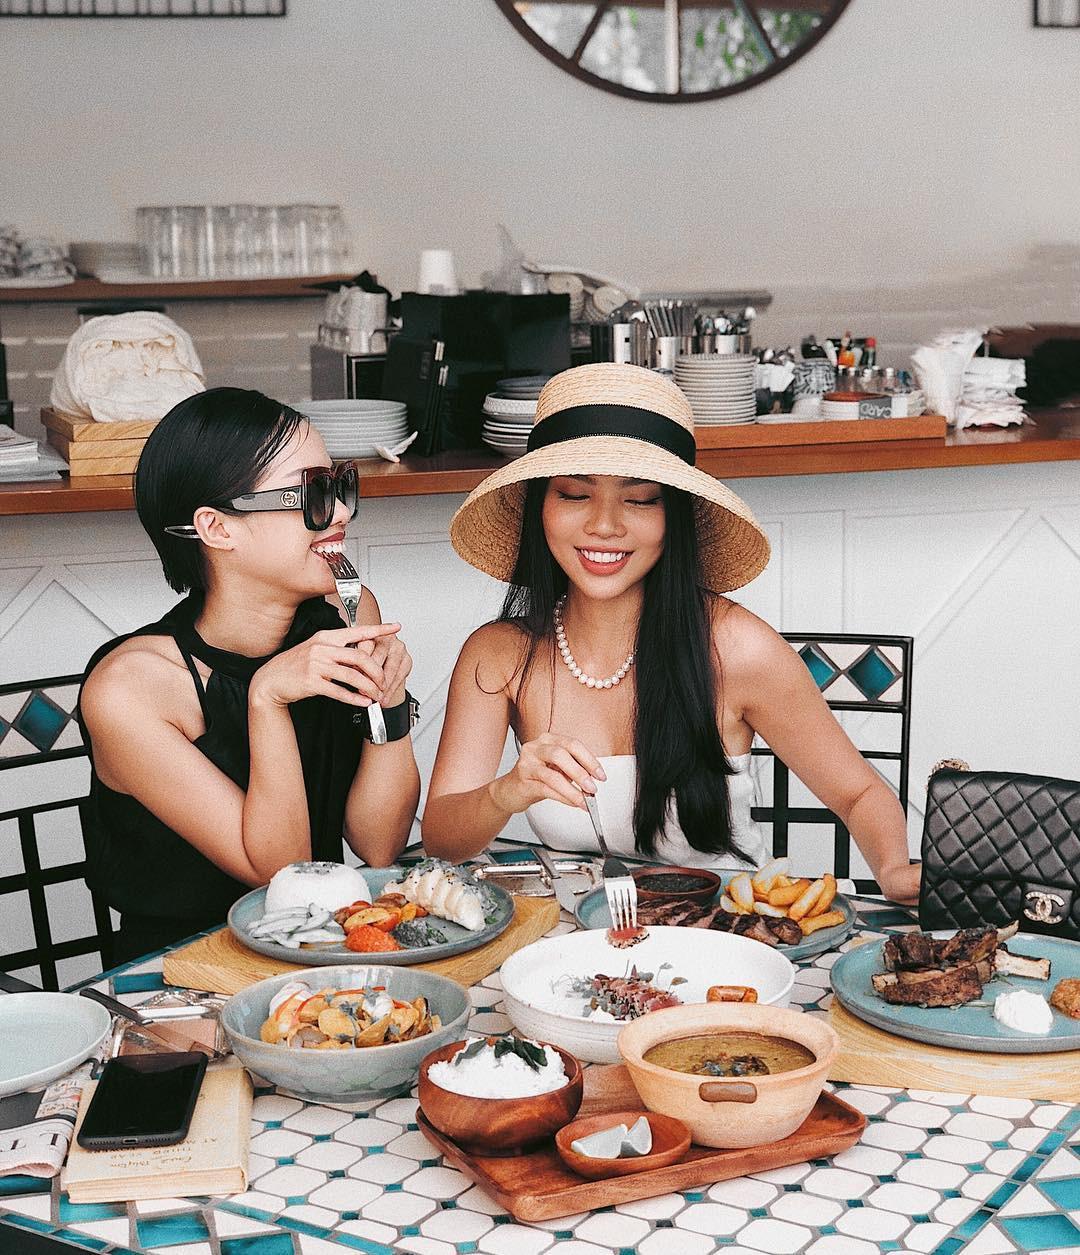 Pretty Breakfast: Trào lưu ăn uống mới toanh đang gây bão Instagram giới trẻ Sài Gòn - Ảnh 9.